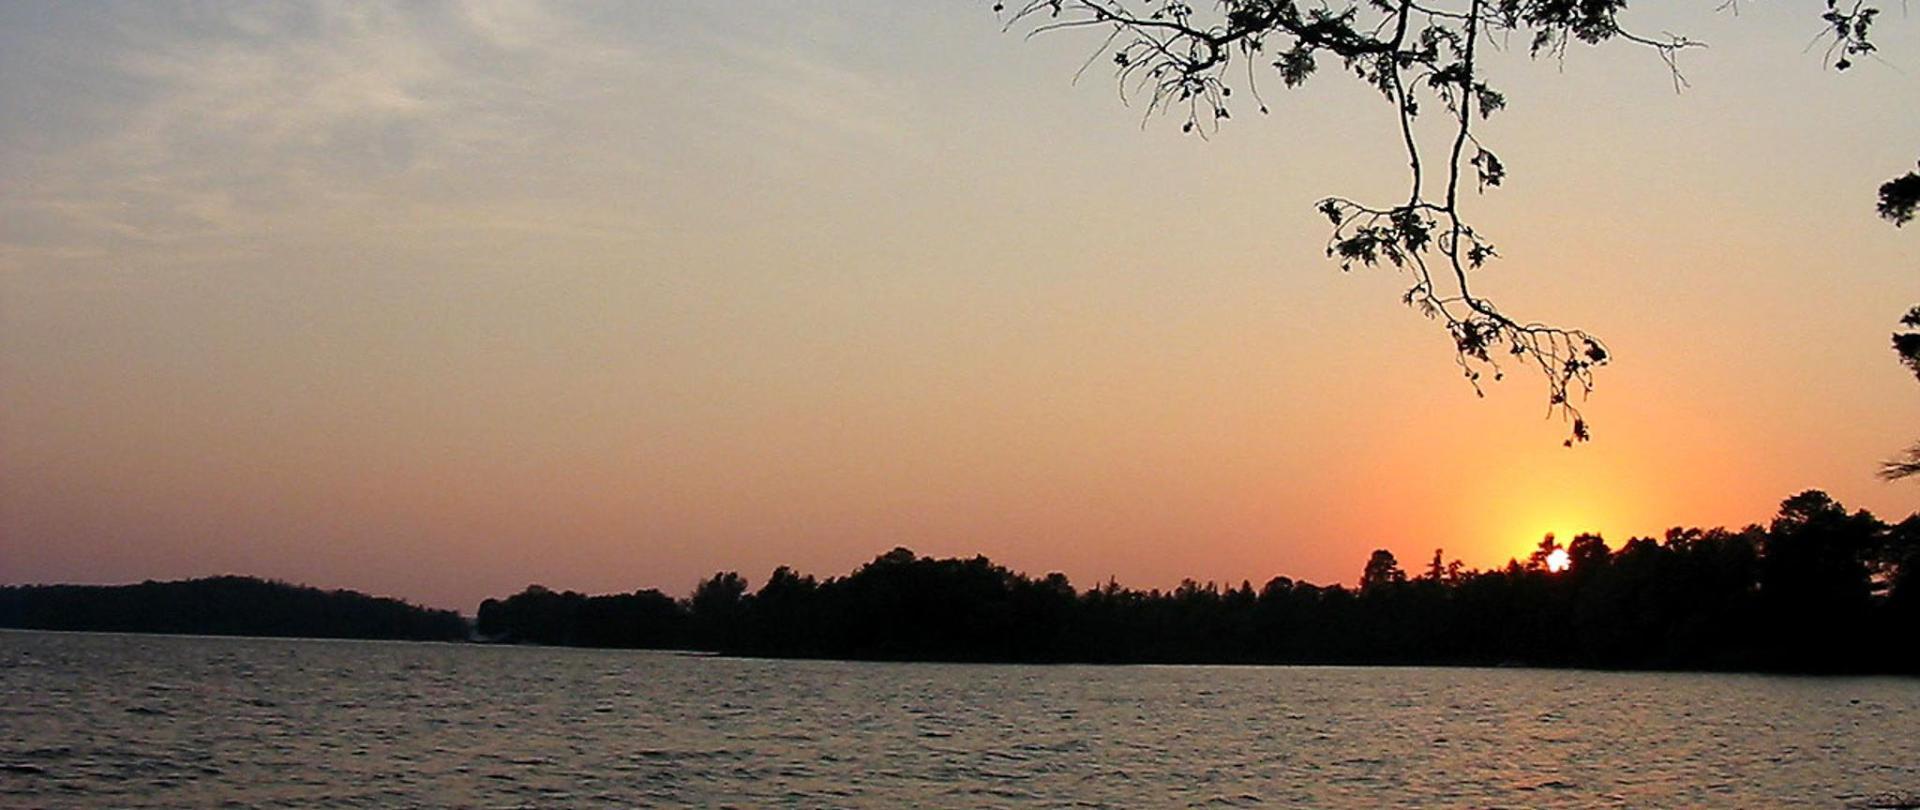 golden-lake-ontario.jpg